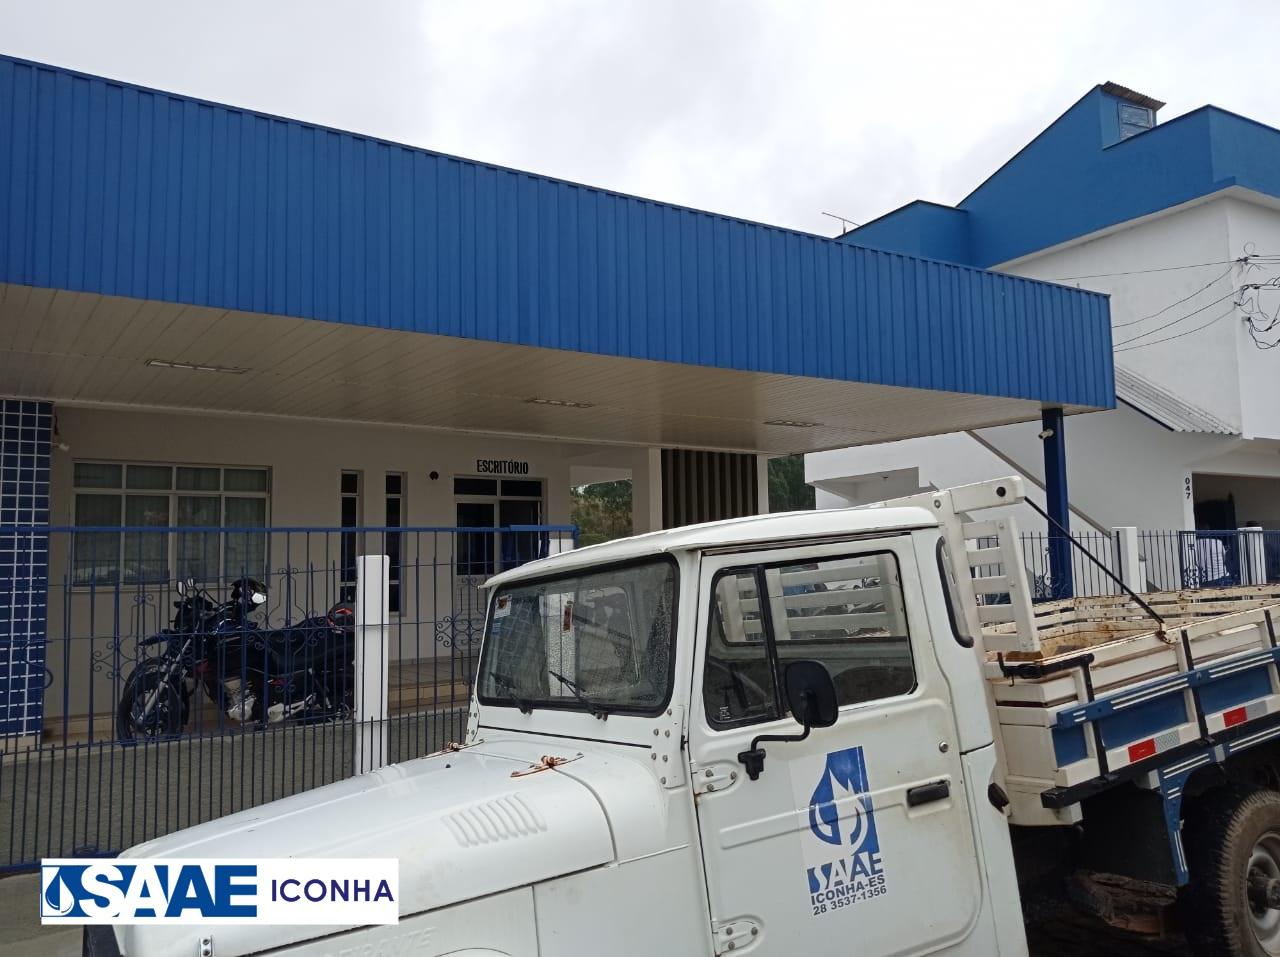 Em Iconha a qualidade da água distribuída pelo SAAE é 100% potável